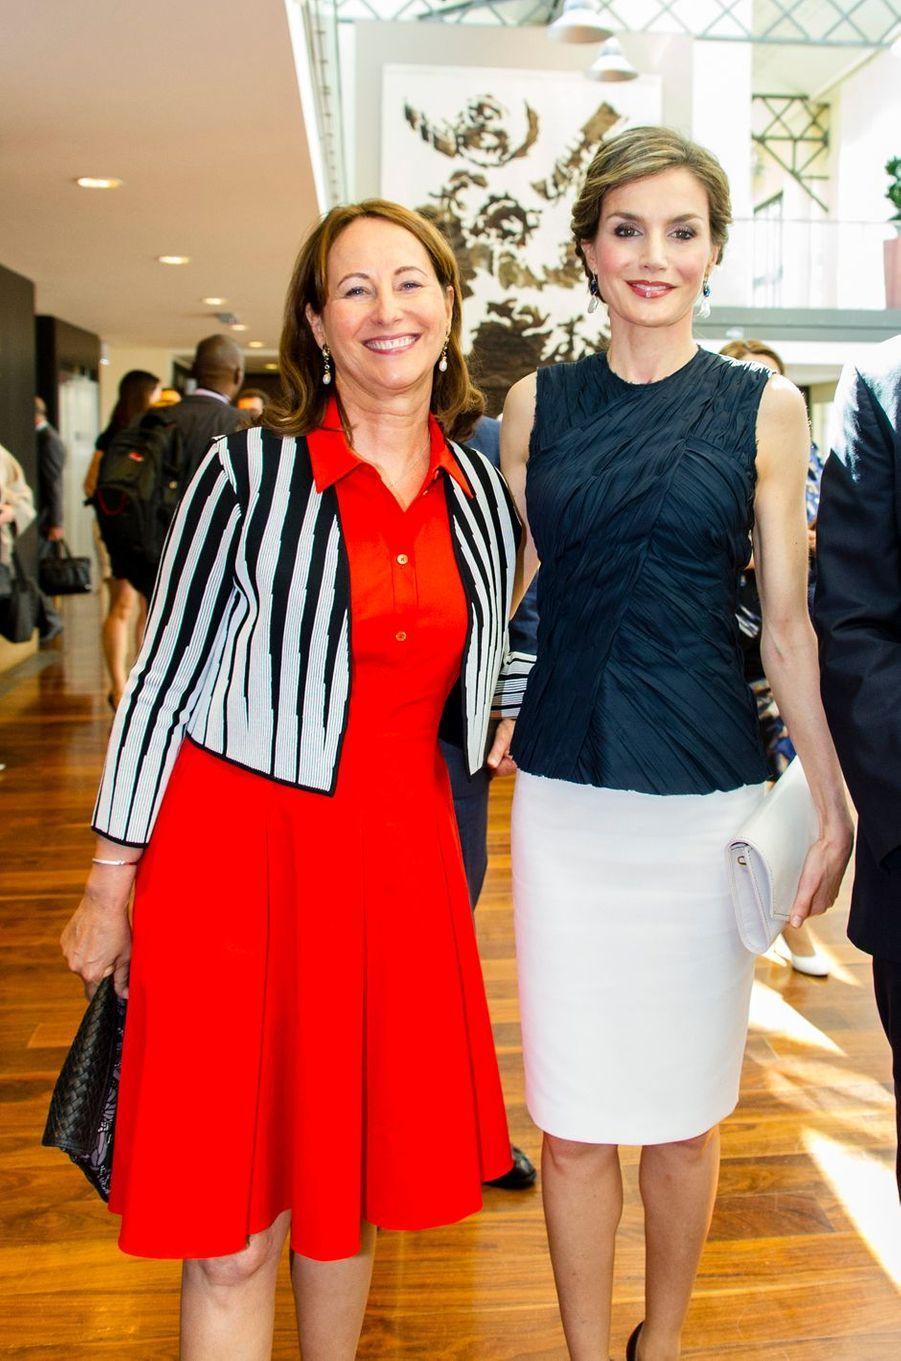 La reine Letizia d'Espagne était ce jeudi 7 juillet en France aux côtés de la ministre de l'Environnement Ségolène Royal pour parler climat et santé.